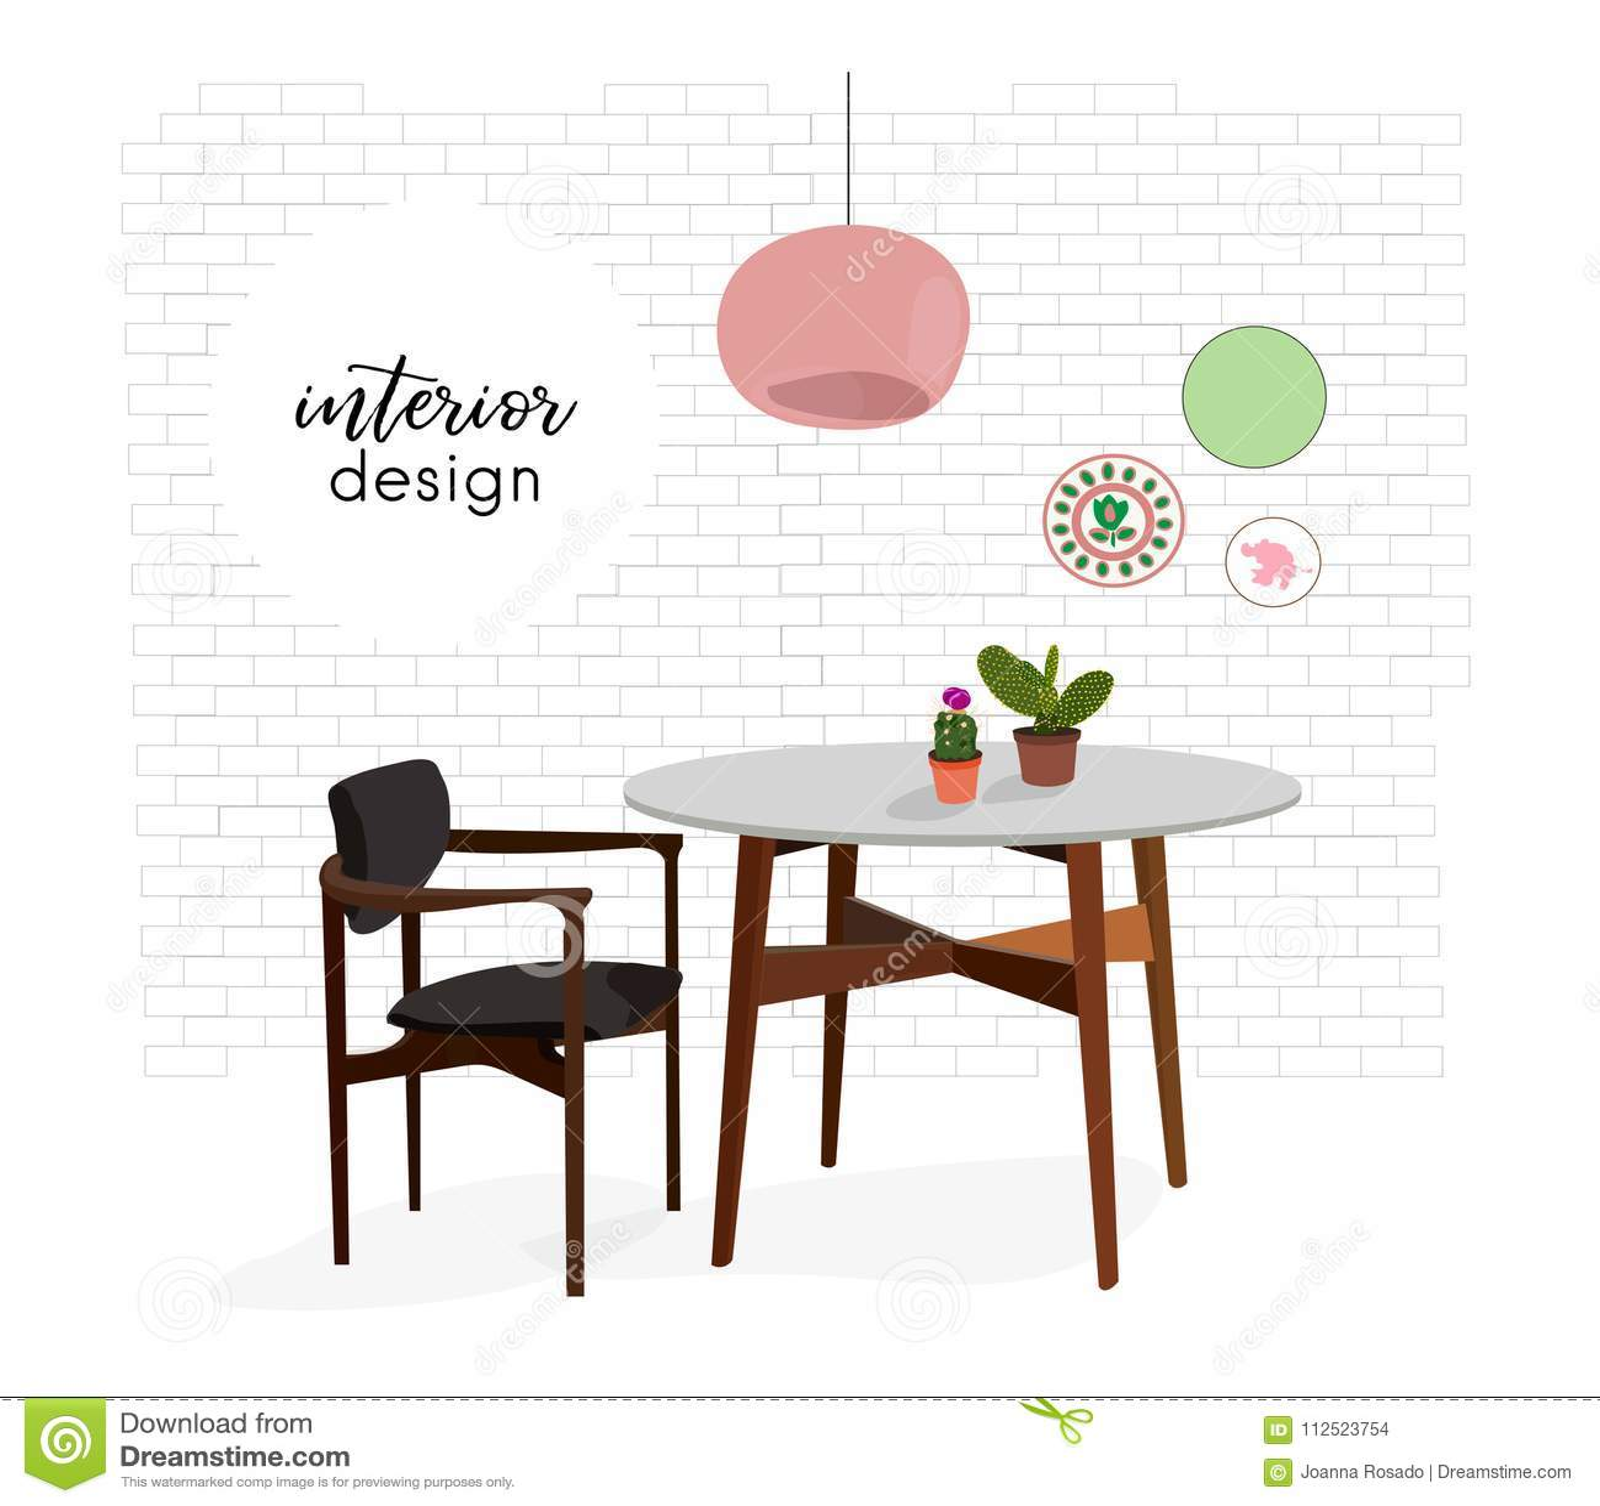 Image of: Ilustracao Do Design De Interiores Do Vetor Mobilia Da Cozinha Da Sala De Jantar Tabela Da Cadeira Decoracao Home Da Decoracao Da Ilustracao Do Vetor Ilustracao De Jantar Interiores 112523754